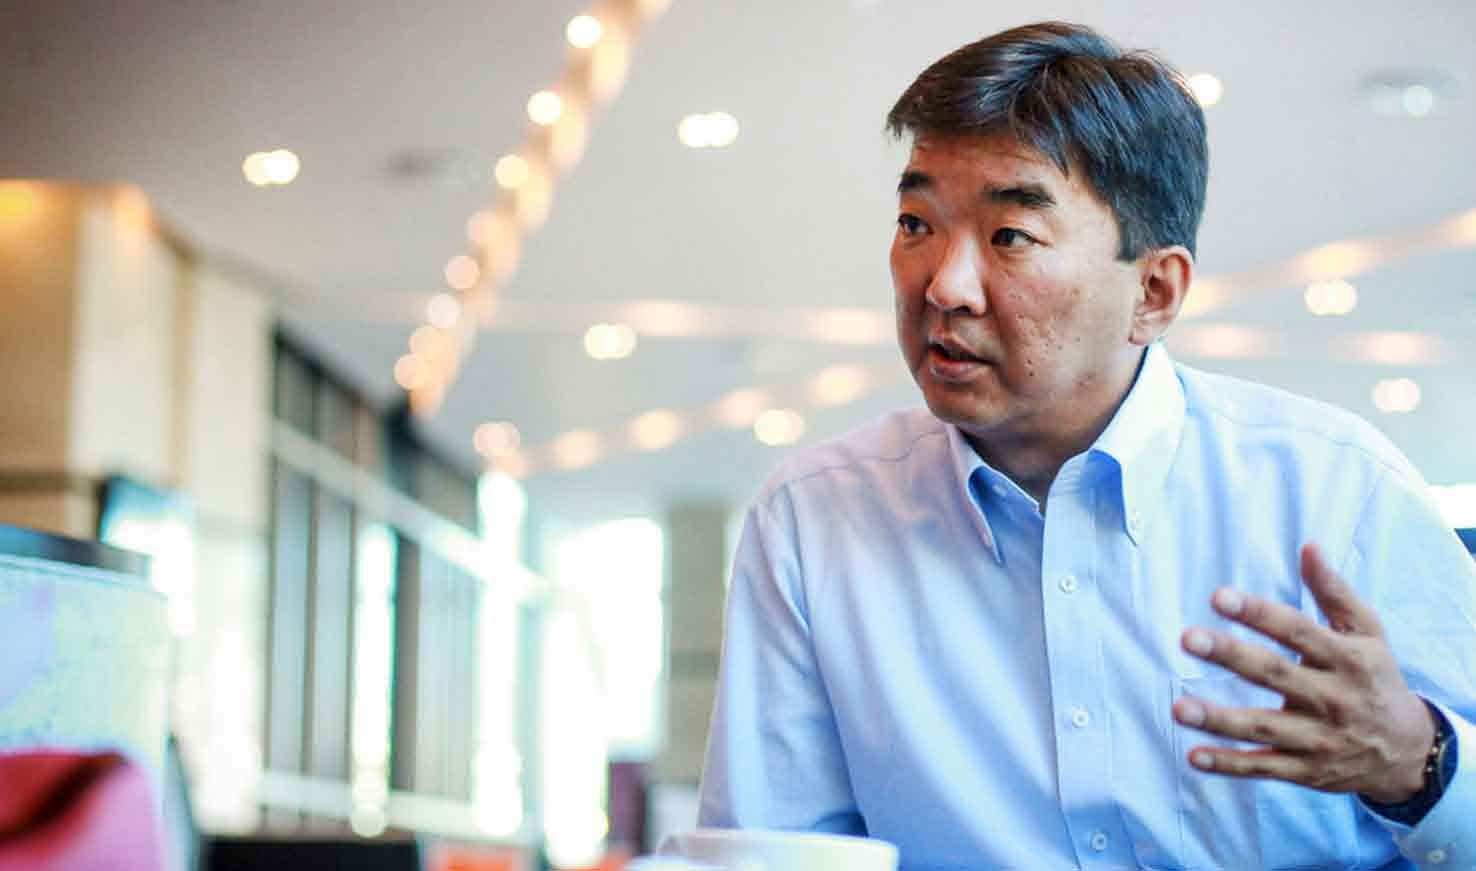 Ч.Хашчулуун: Хар жагсаалтад орсноор Монголд хэрэгжих ямар ч төсөл Европын холбооноос санхүүжилт авч чадахгүй